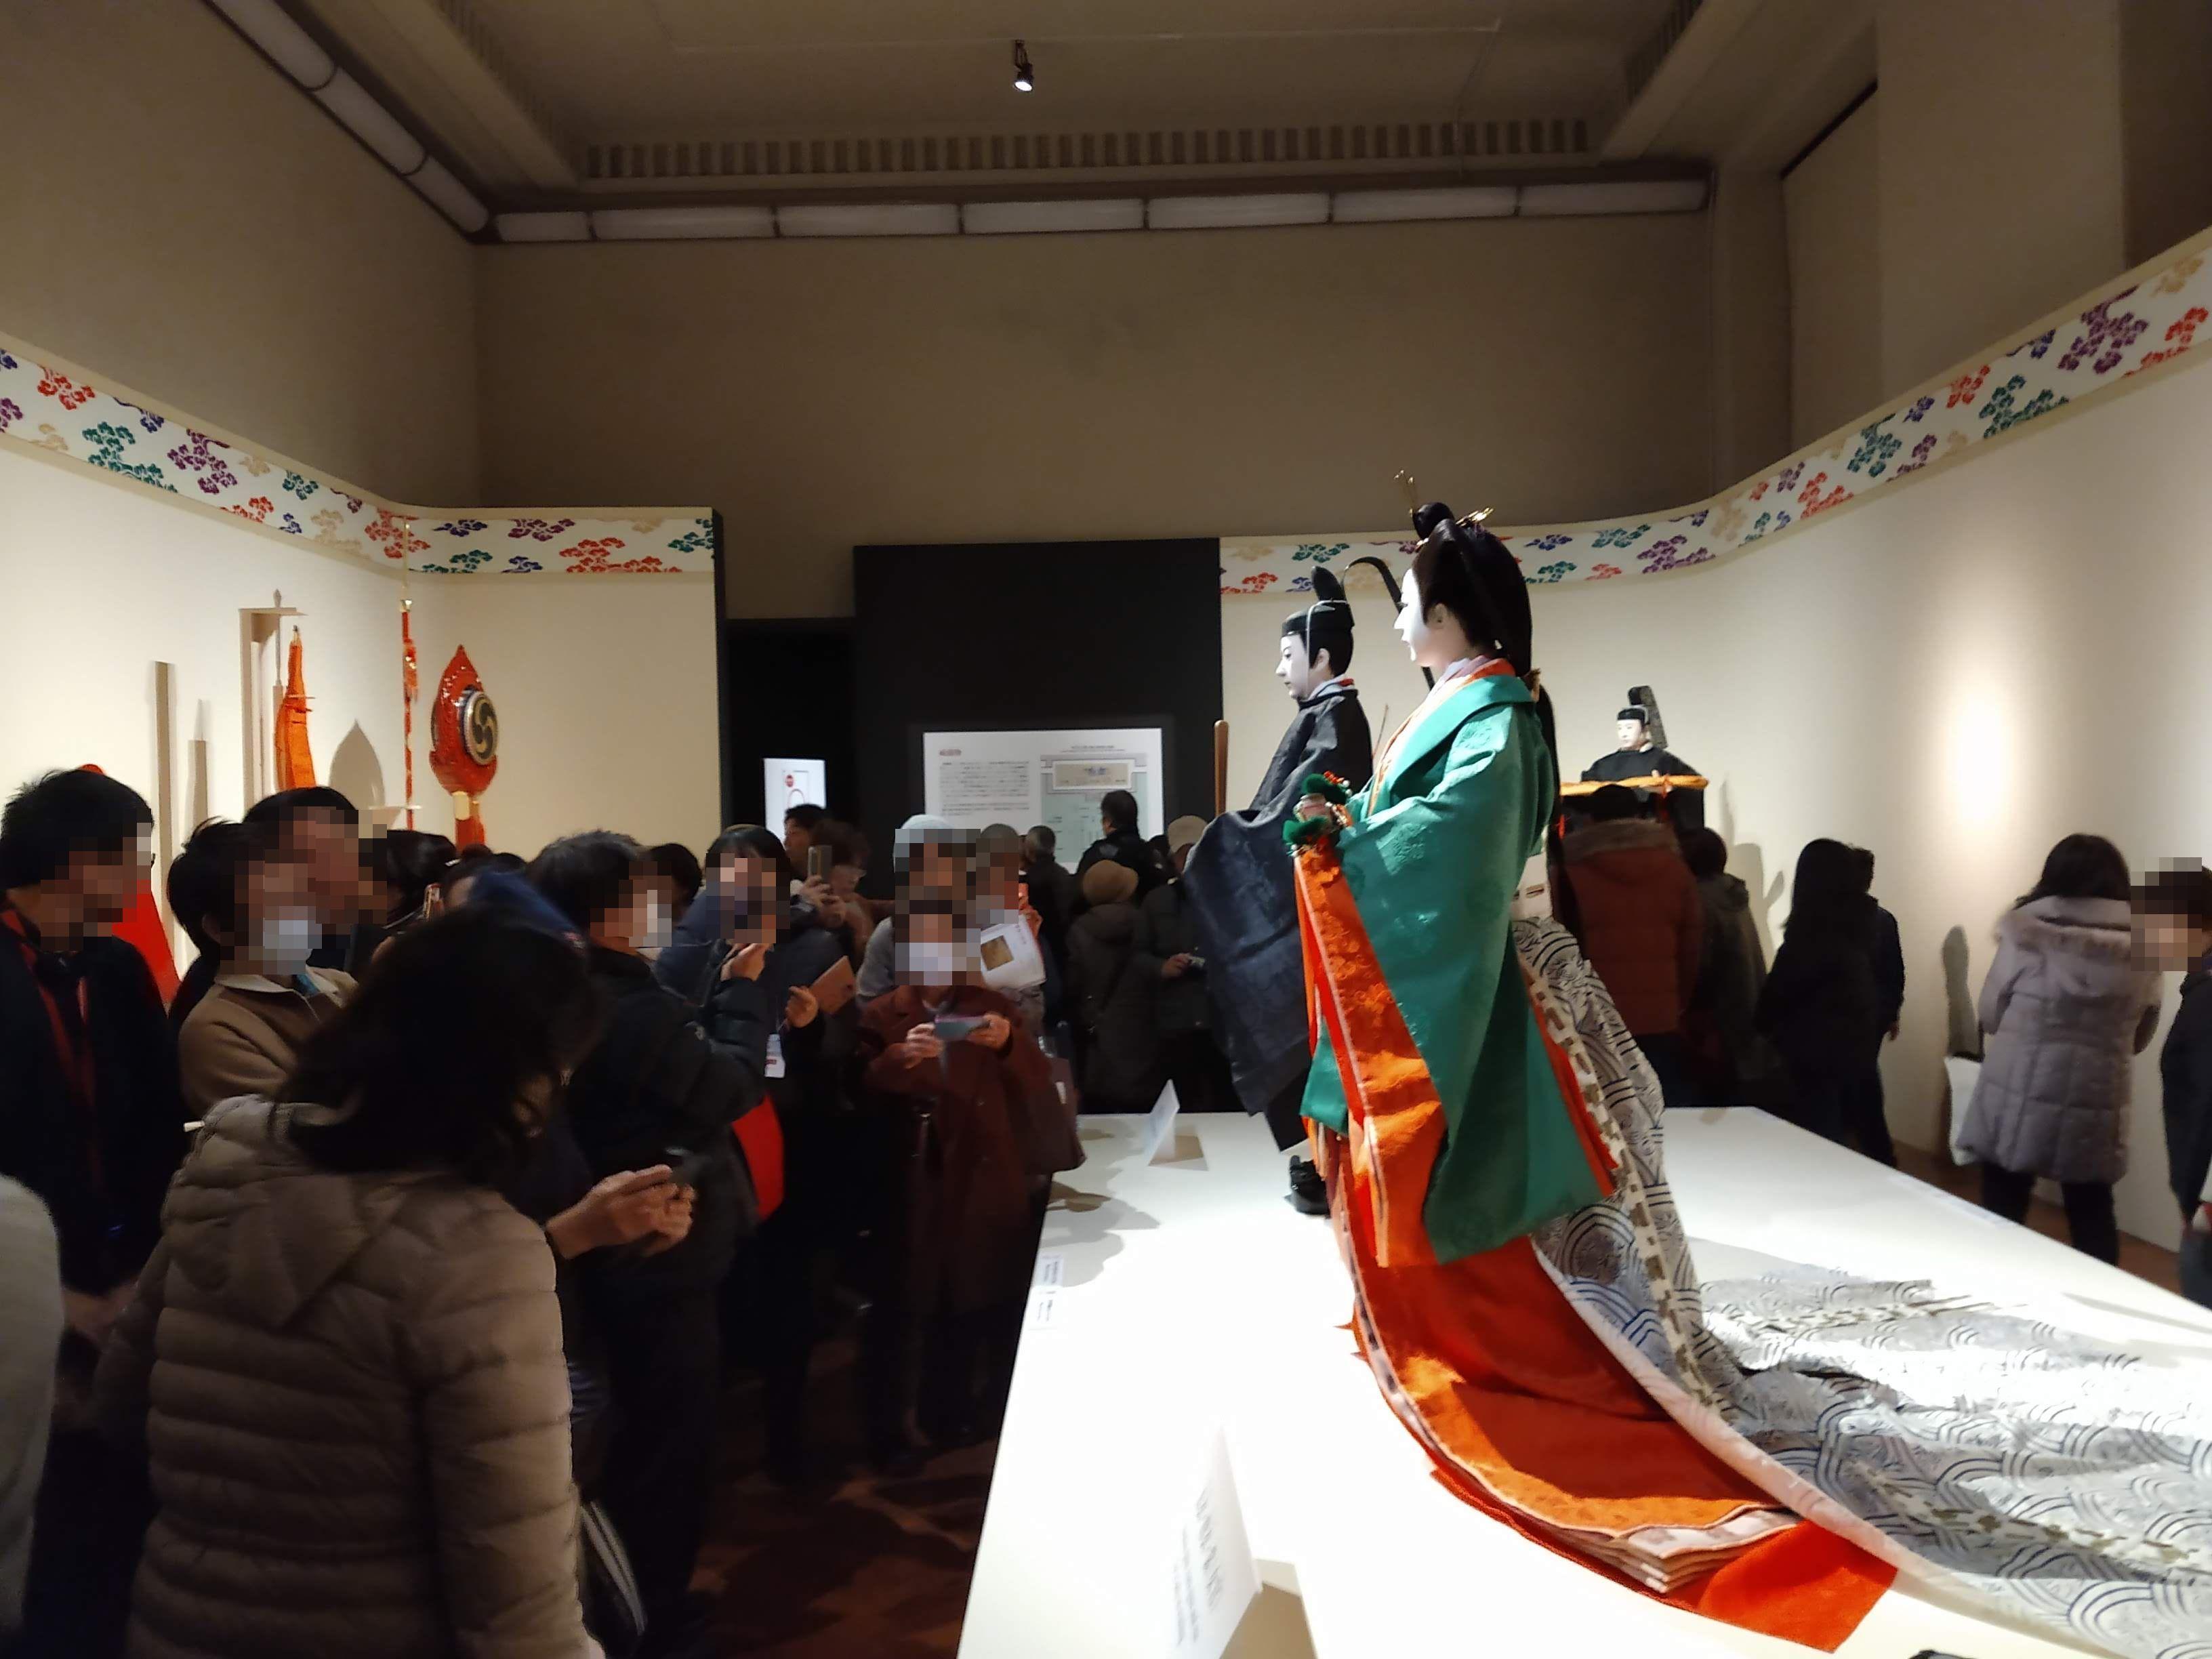 特別公開「高御座と御帳台」@東京国立博物館_a0057402_07333534.jpg